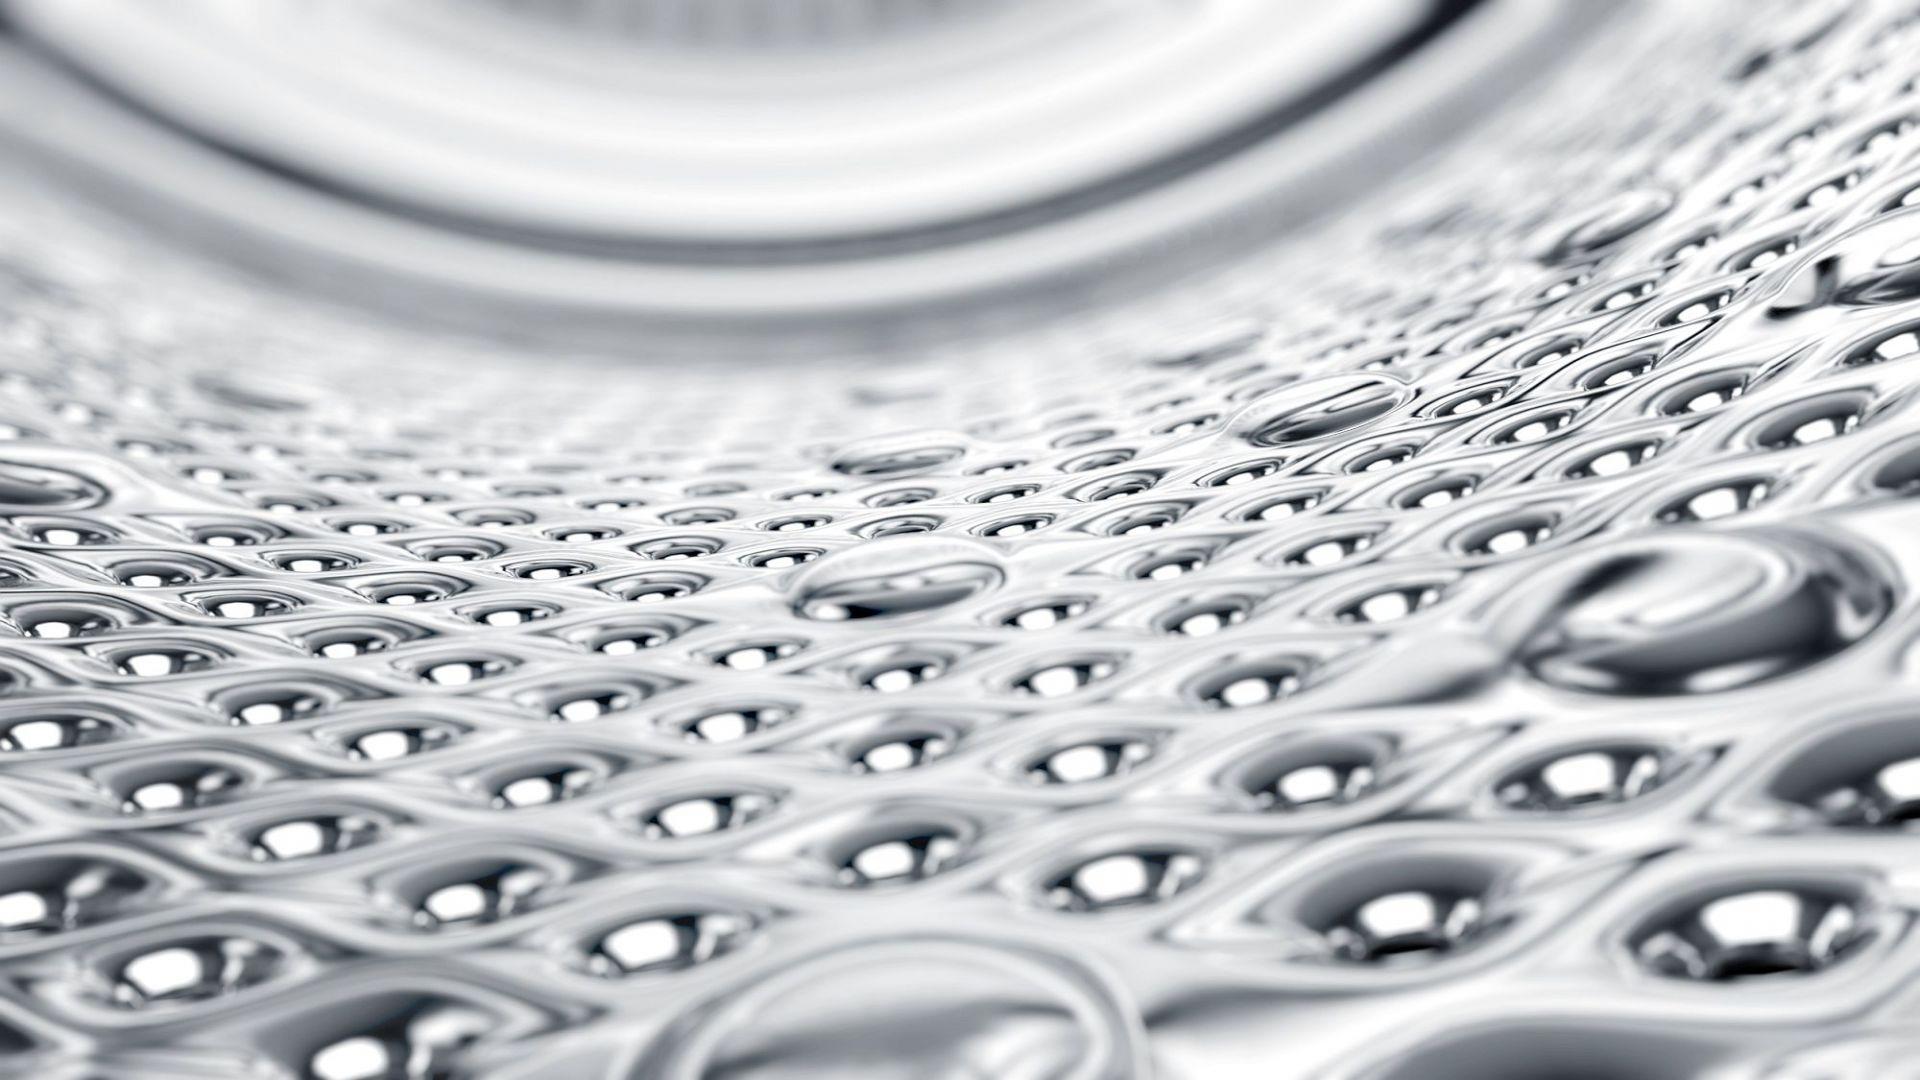 Urządzenie zwraca uwagę nie tylko wysoką jakością użytych materiałów i precyzją wykończenia, ale też strukturą bębna pralki. Wykorzystanie wzoru w kształcie pereł jednocześnie zwiększa wydajność prania i wirowania oraz zabezpiecza praną odzież przed zniszczeniem.Fot. Kernau